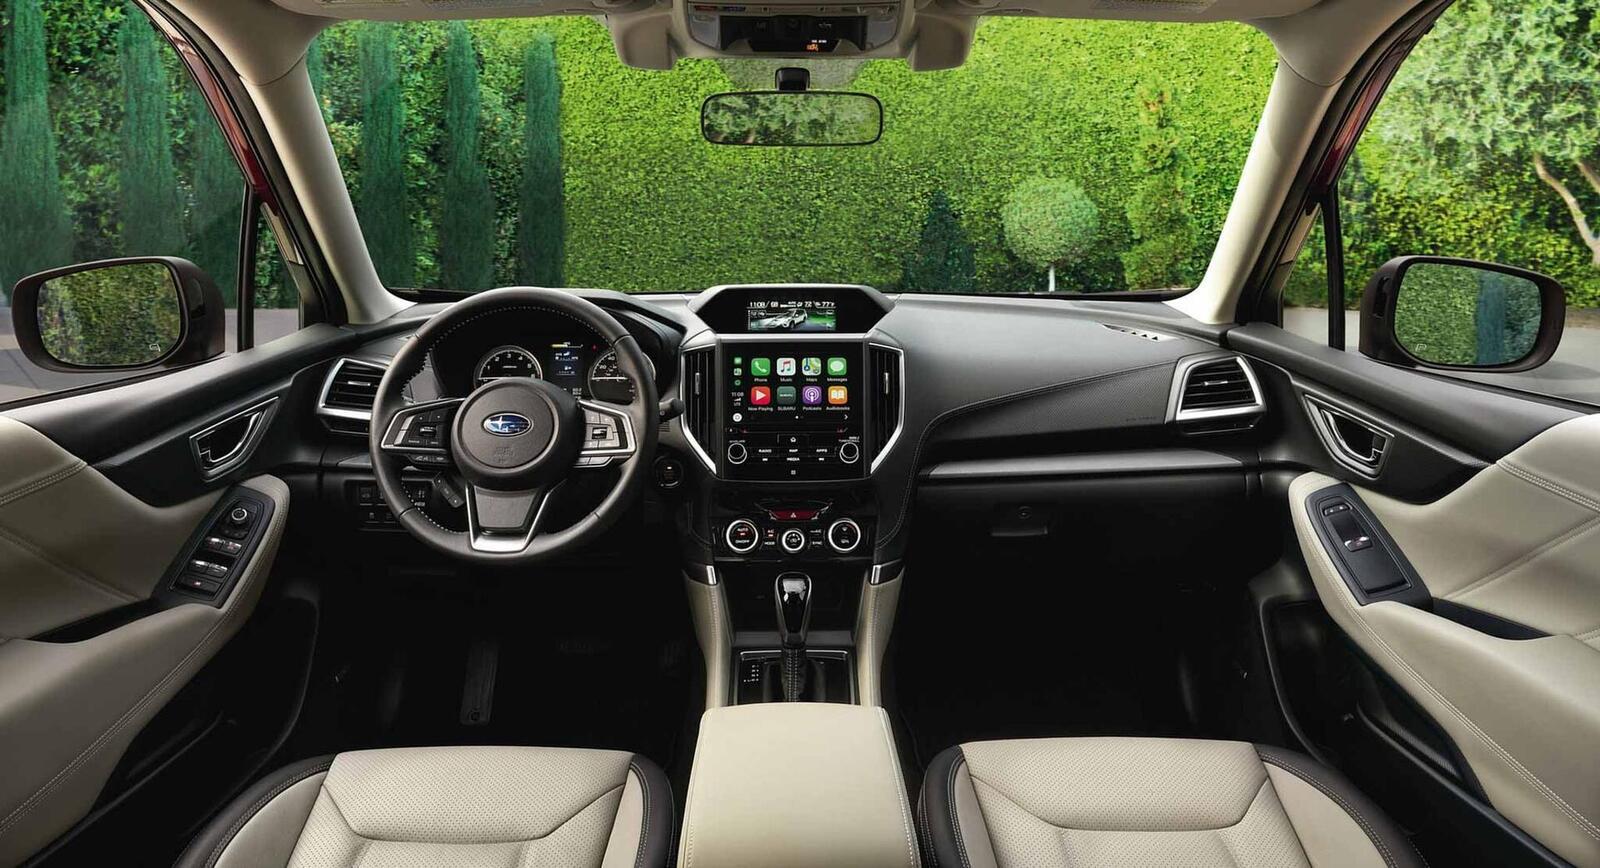 Sự khác biệt giữa Subaru Forester thế hệ mới và cũ - Hình 11